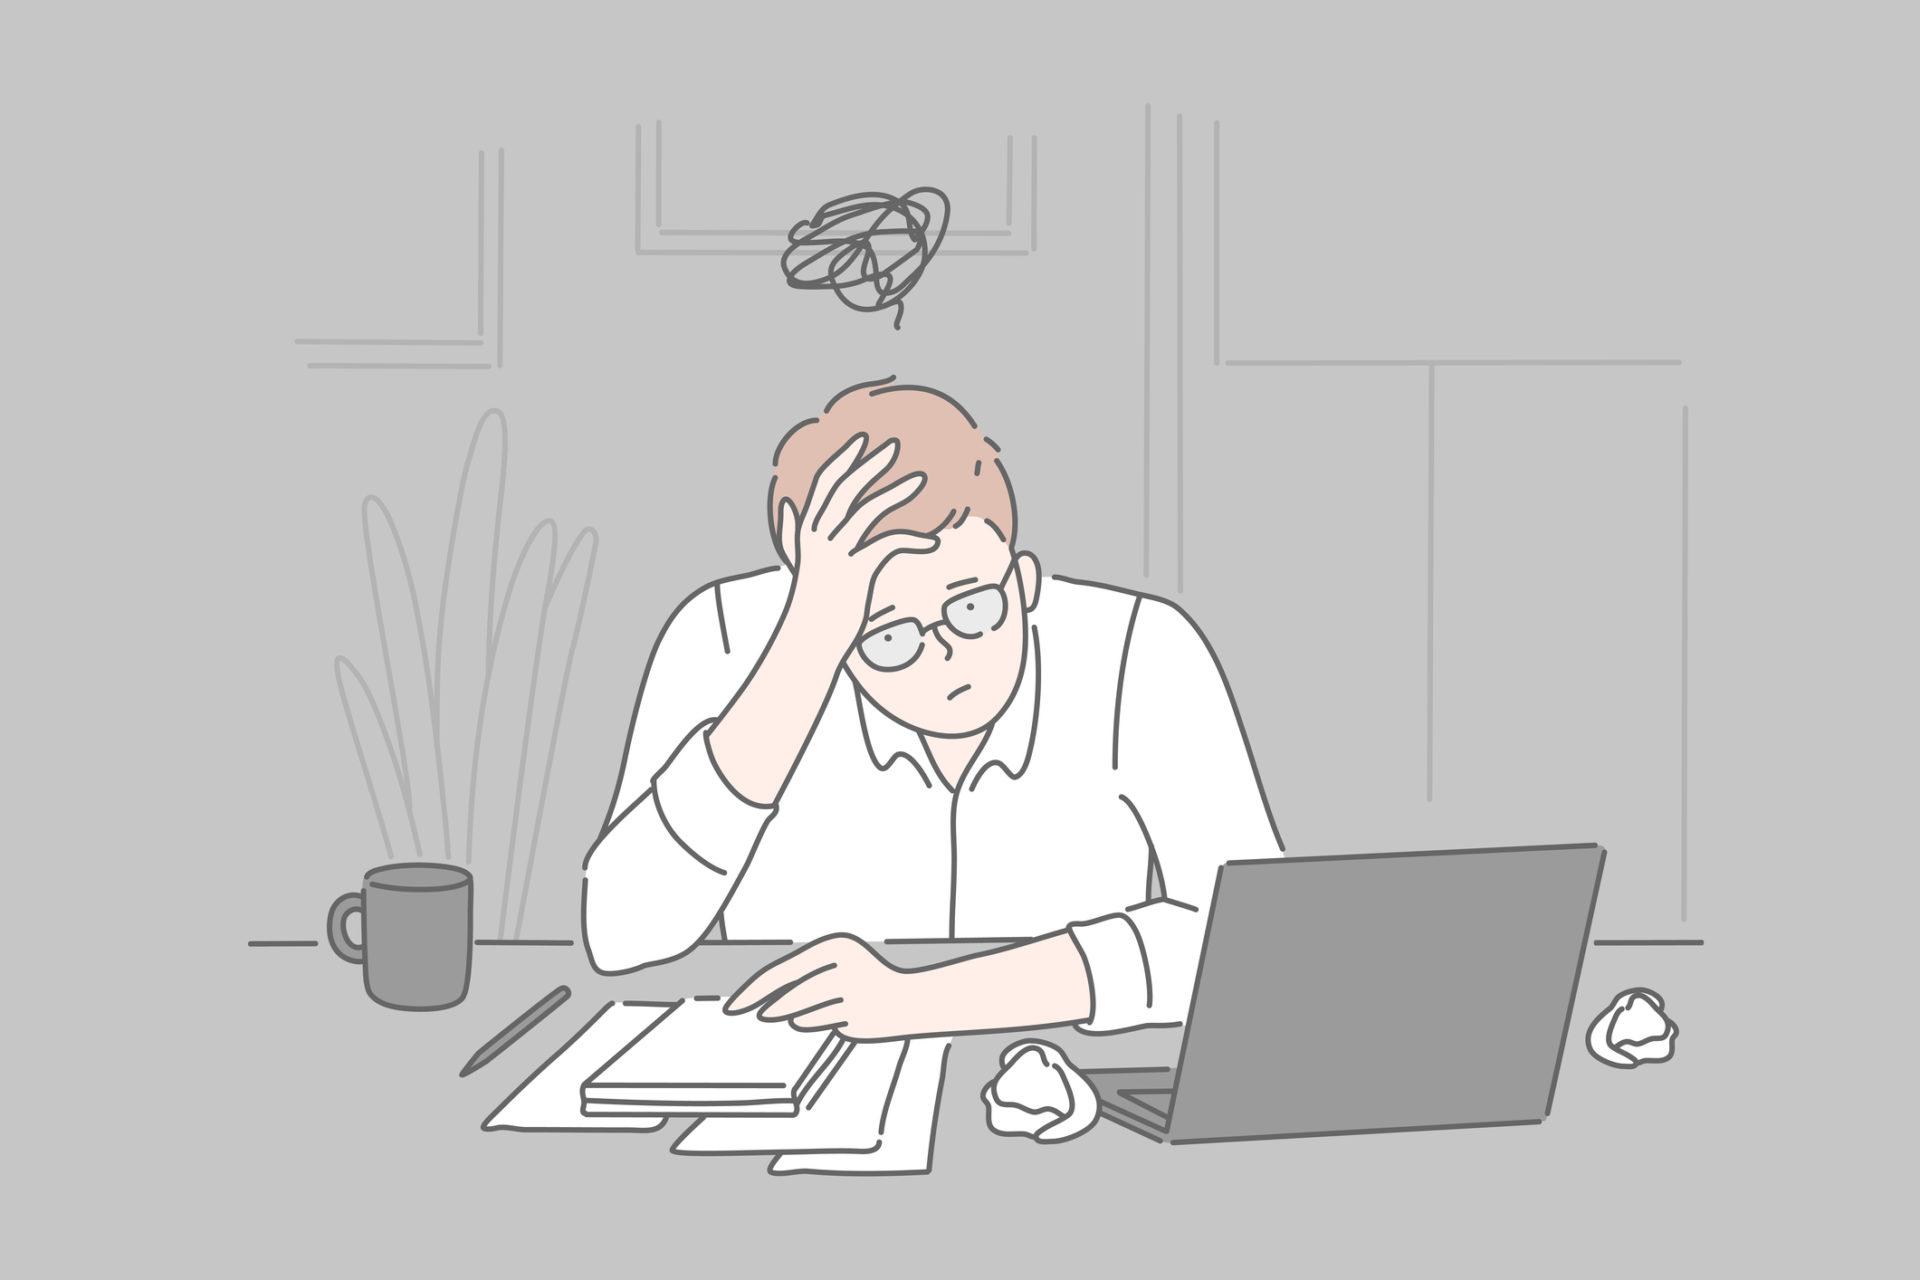 Bankruptcy, burnout, collapse concept.